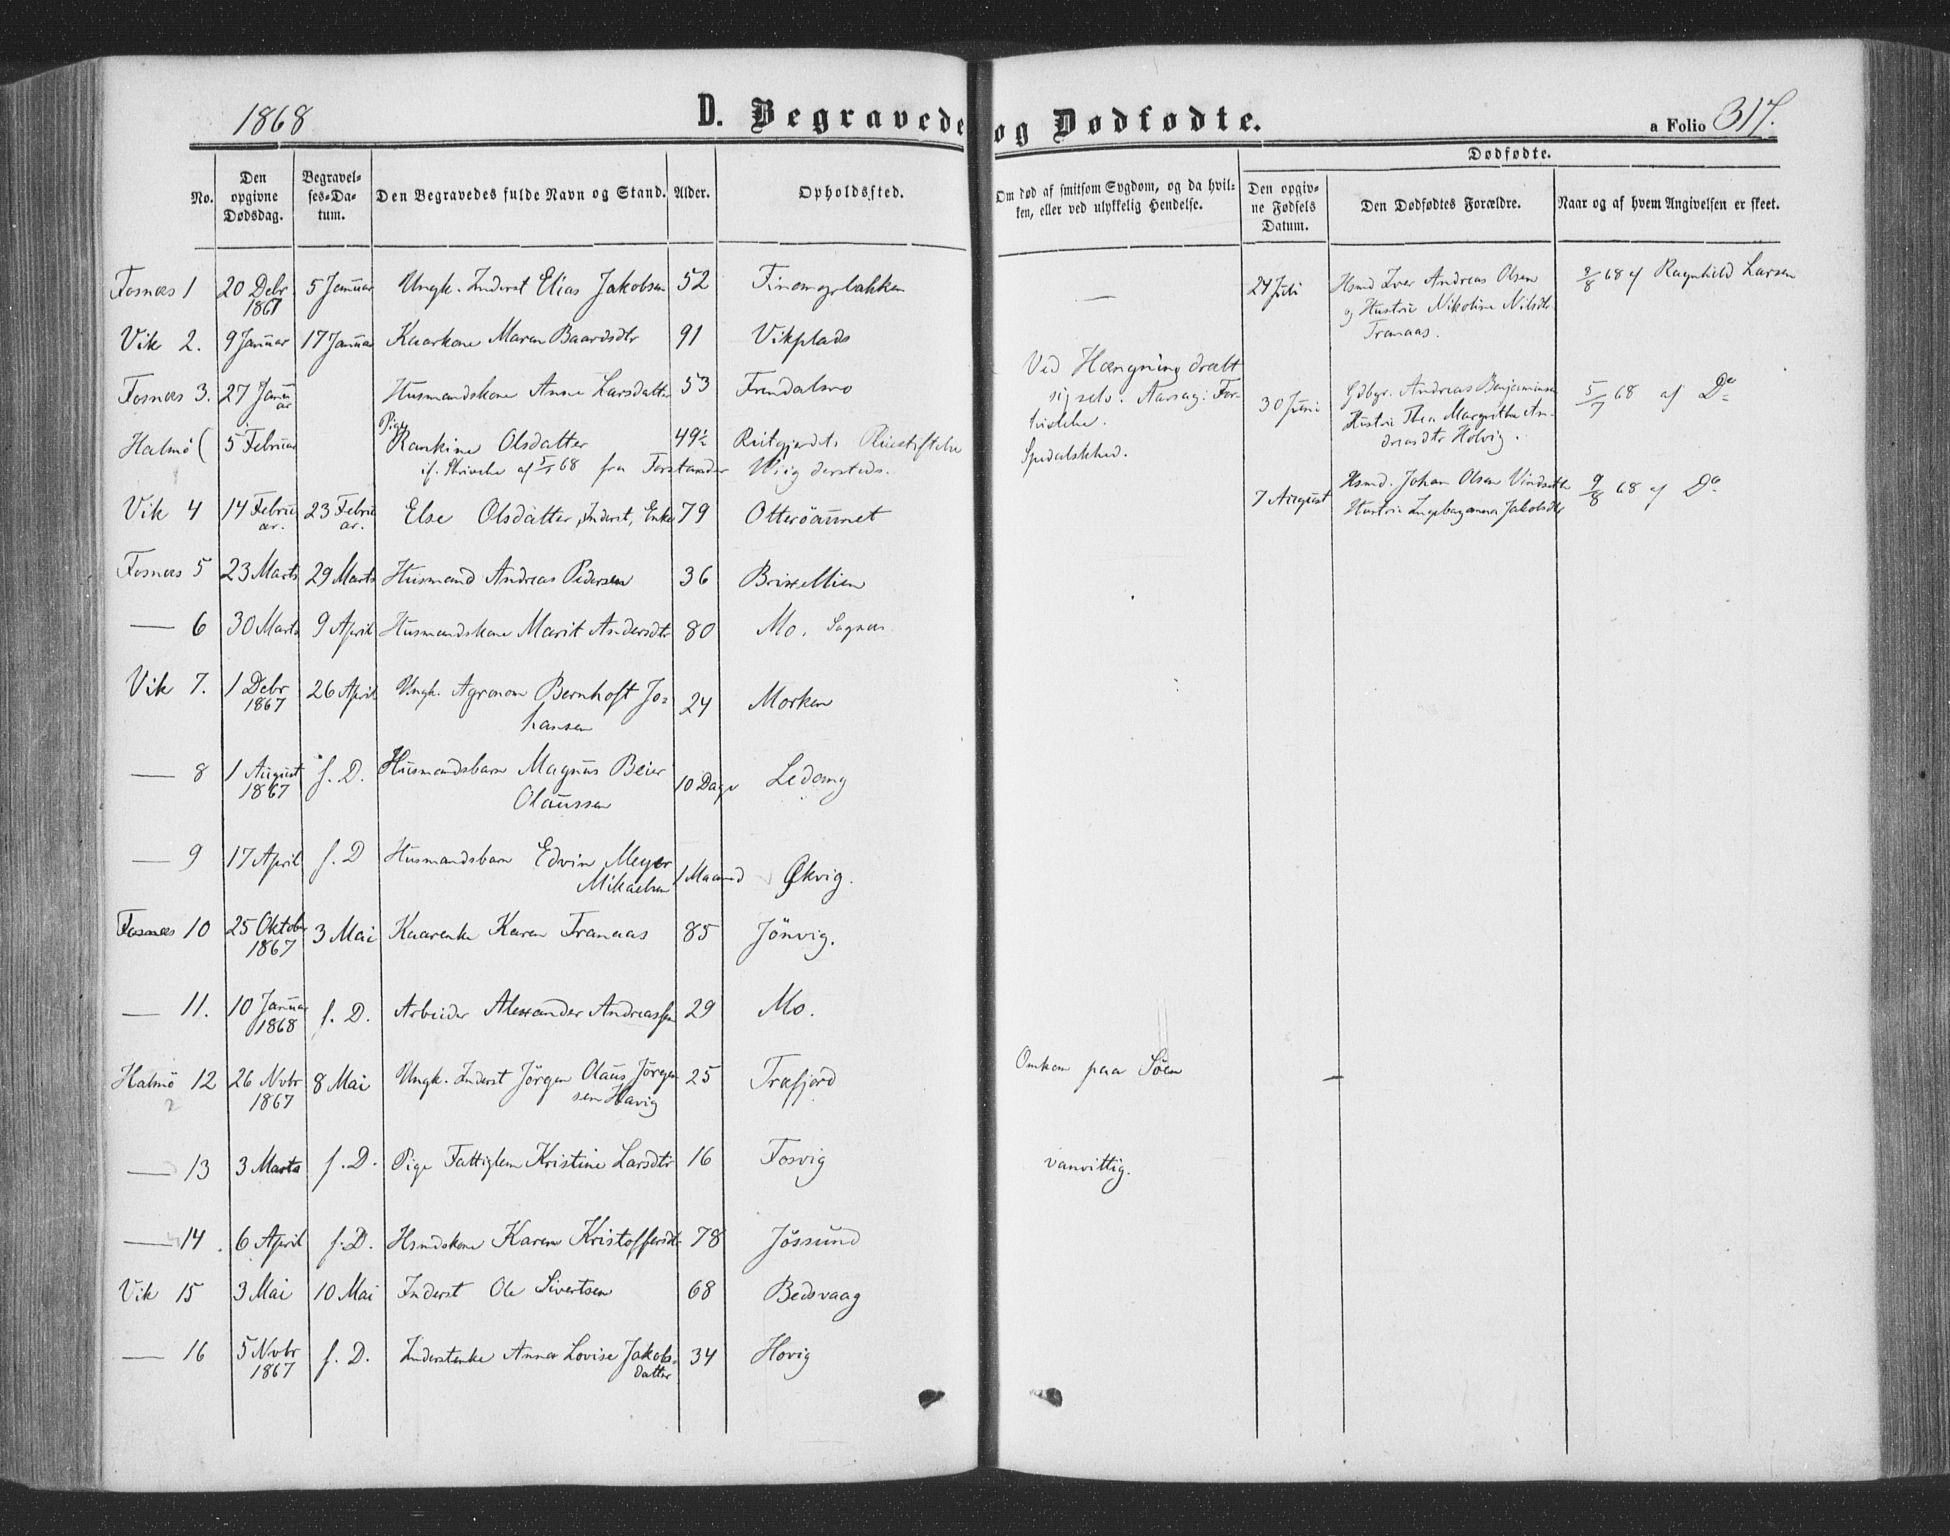 SAT, Ministerialprotokoller, klokkerbøker og fødselsregistre - Nord-Trøndelag, 773/L0615: Ministerialbok nr. 773A06, 1857-1870, s. 317